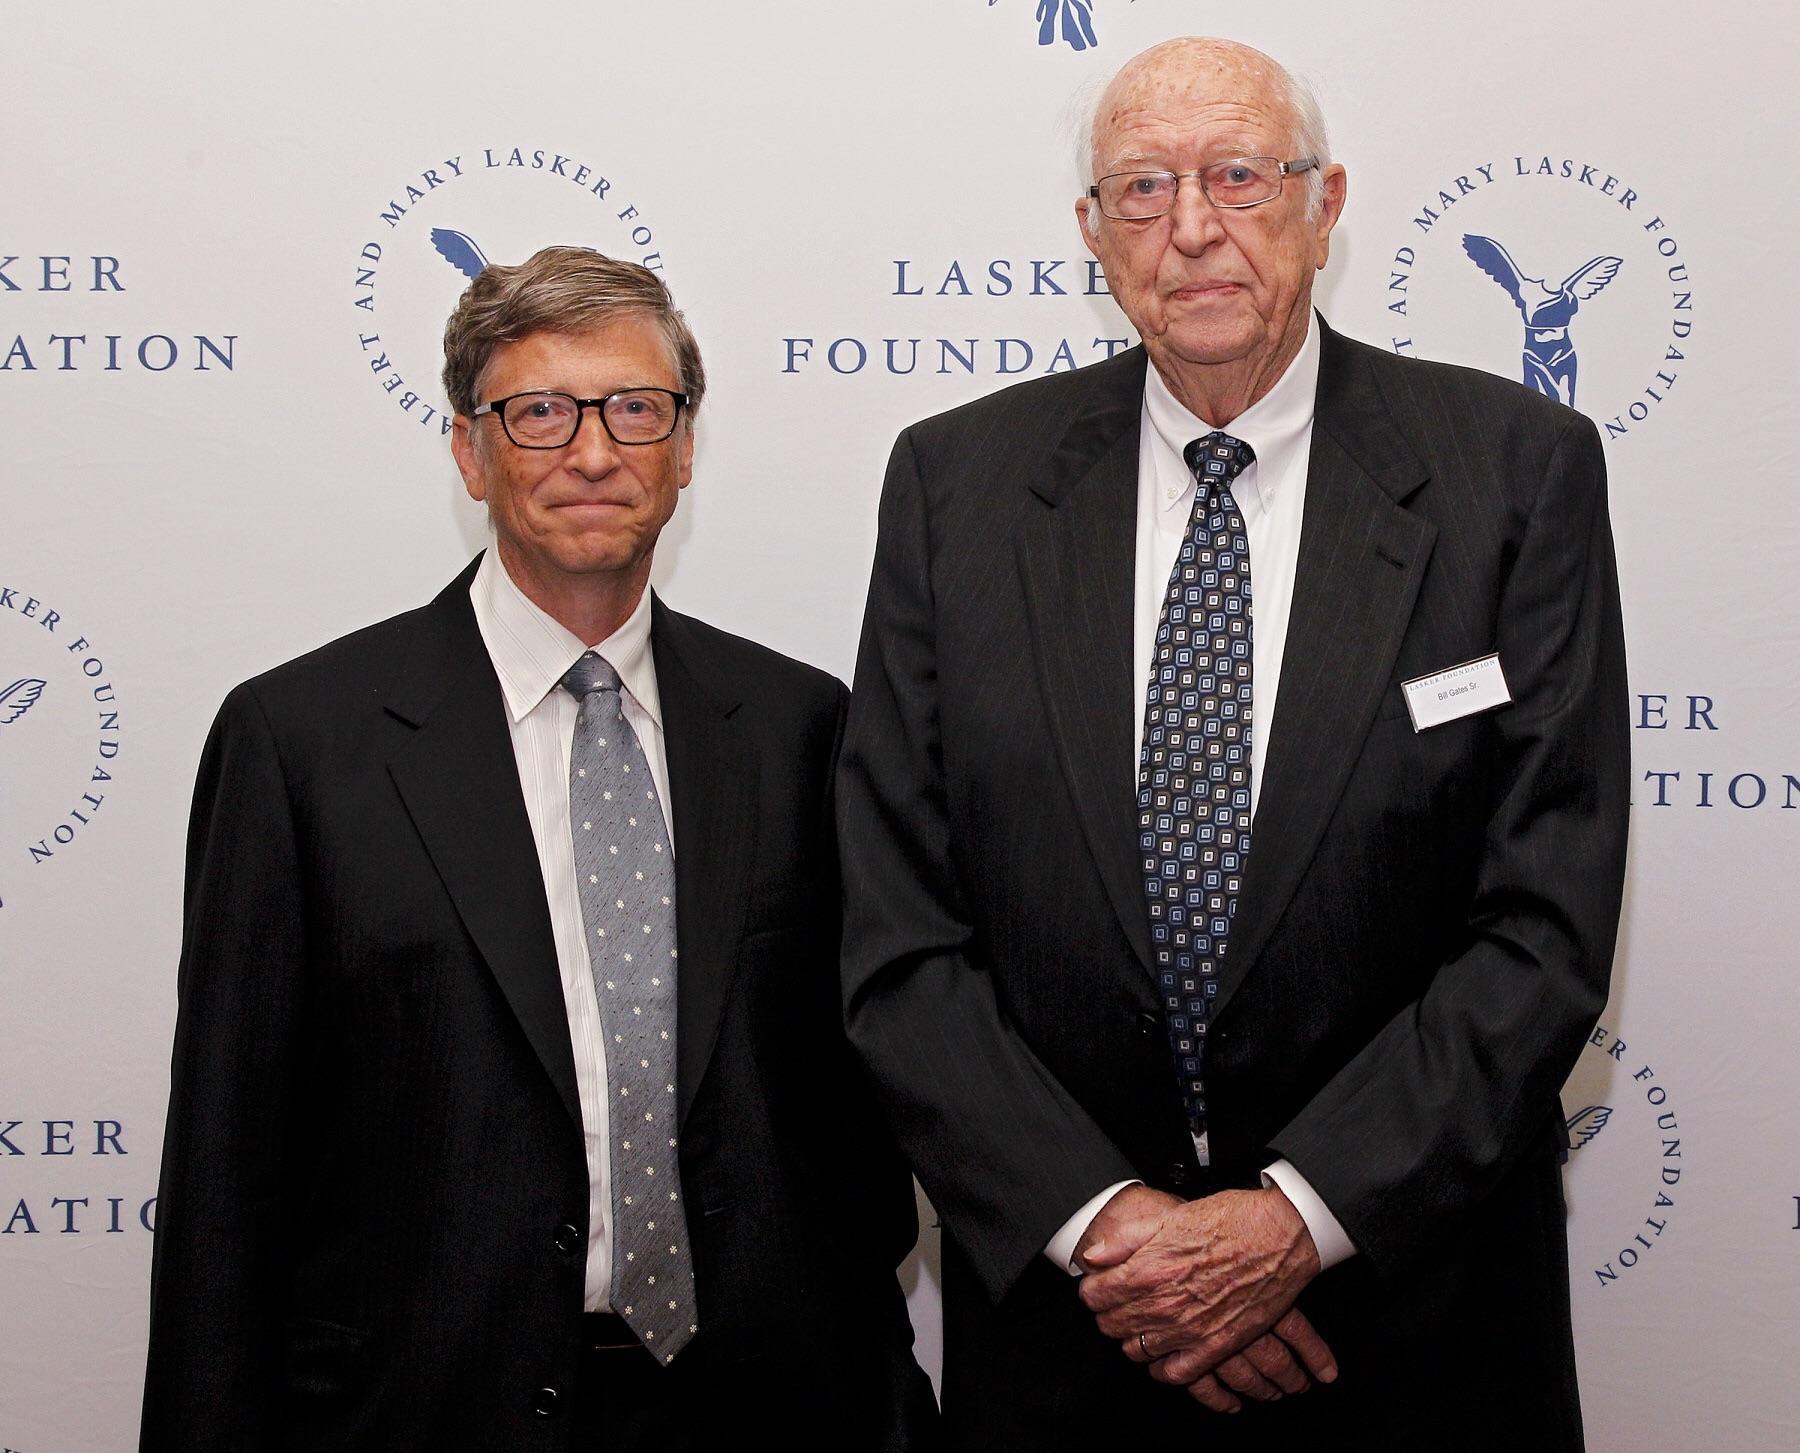 Билл Гейтс младший и Билл Гейтс старший связаны с сотнями фондов и исследовательских организаций, и оказывают влияние на политические решения в многих государствах.